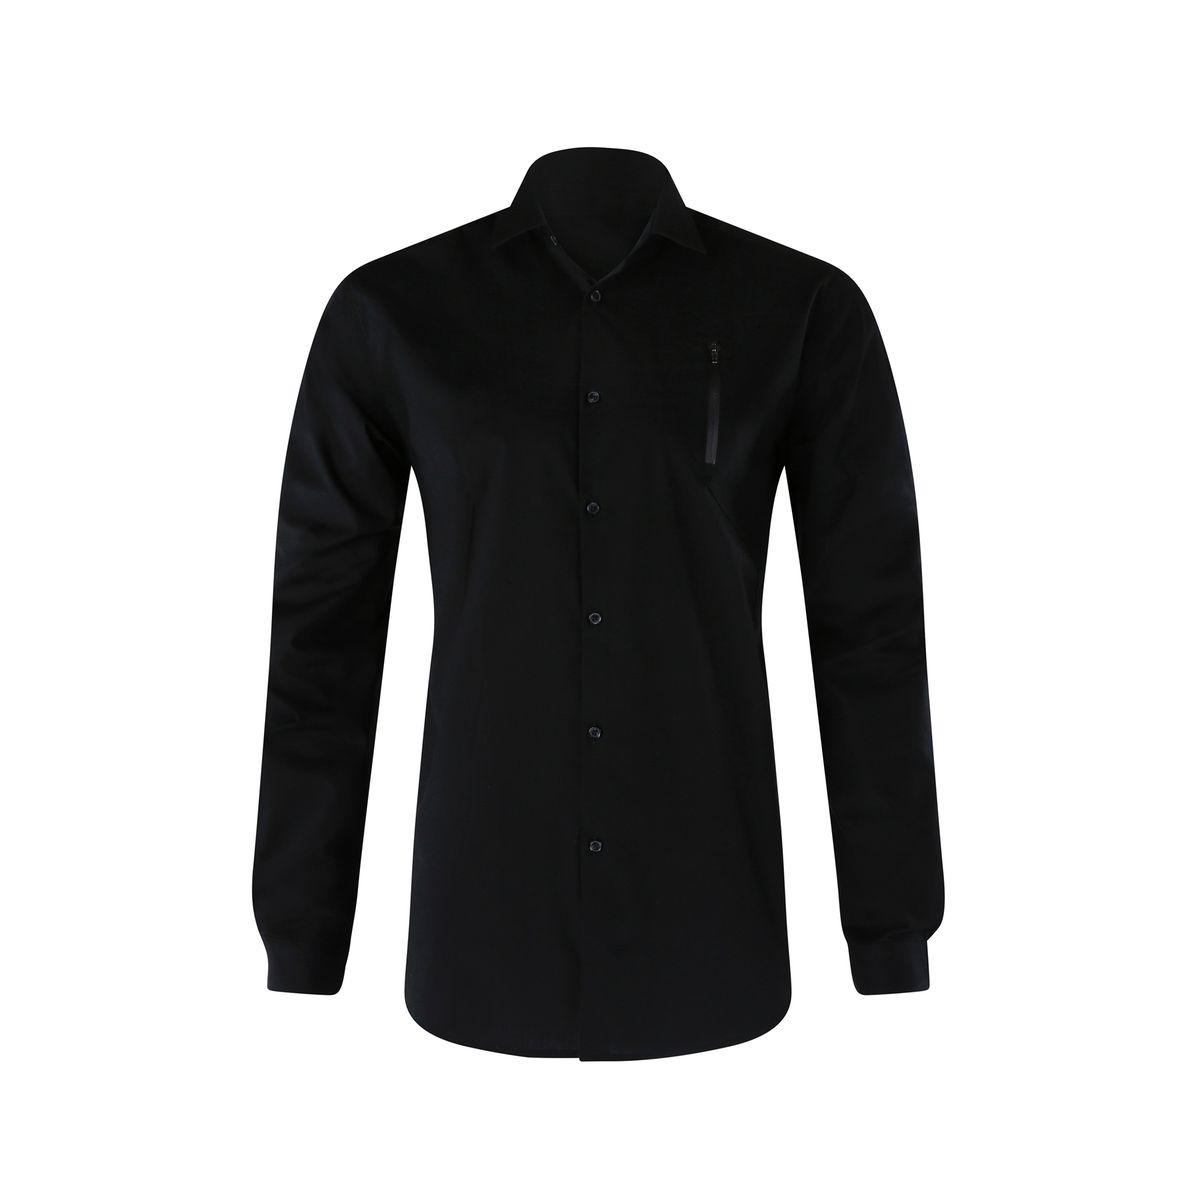 Chemise noire decoupe et zip